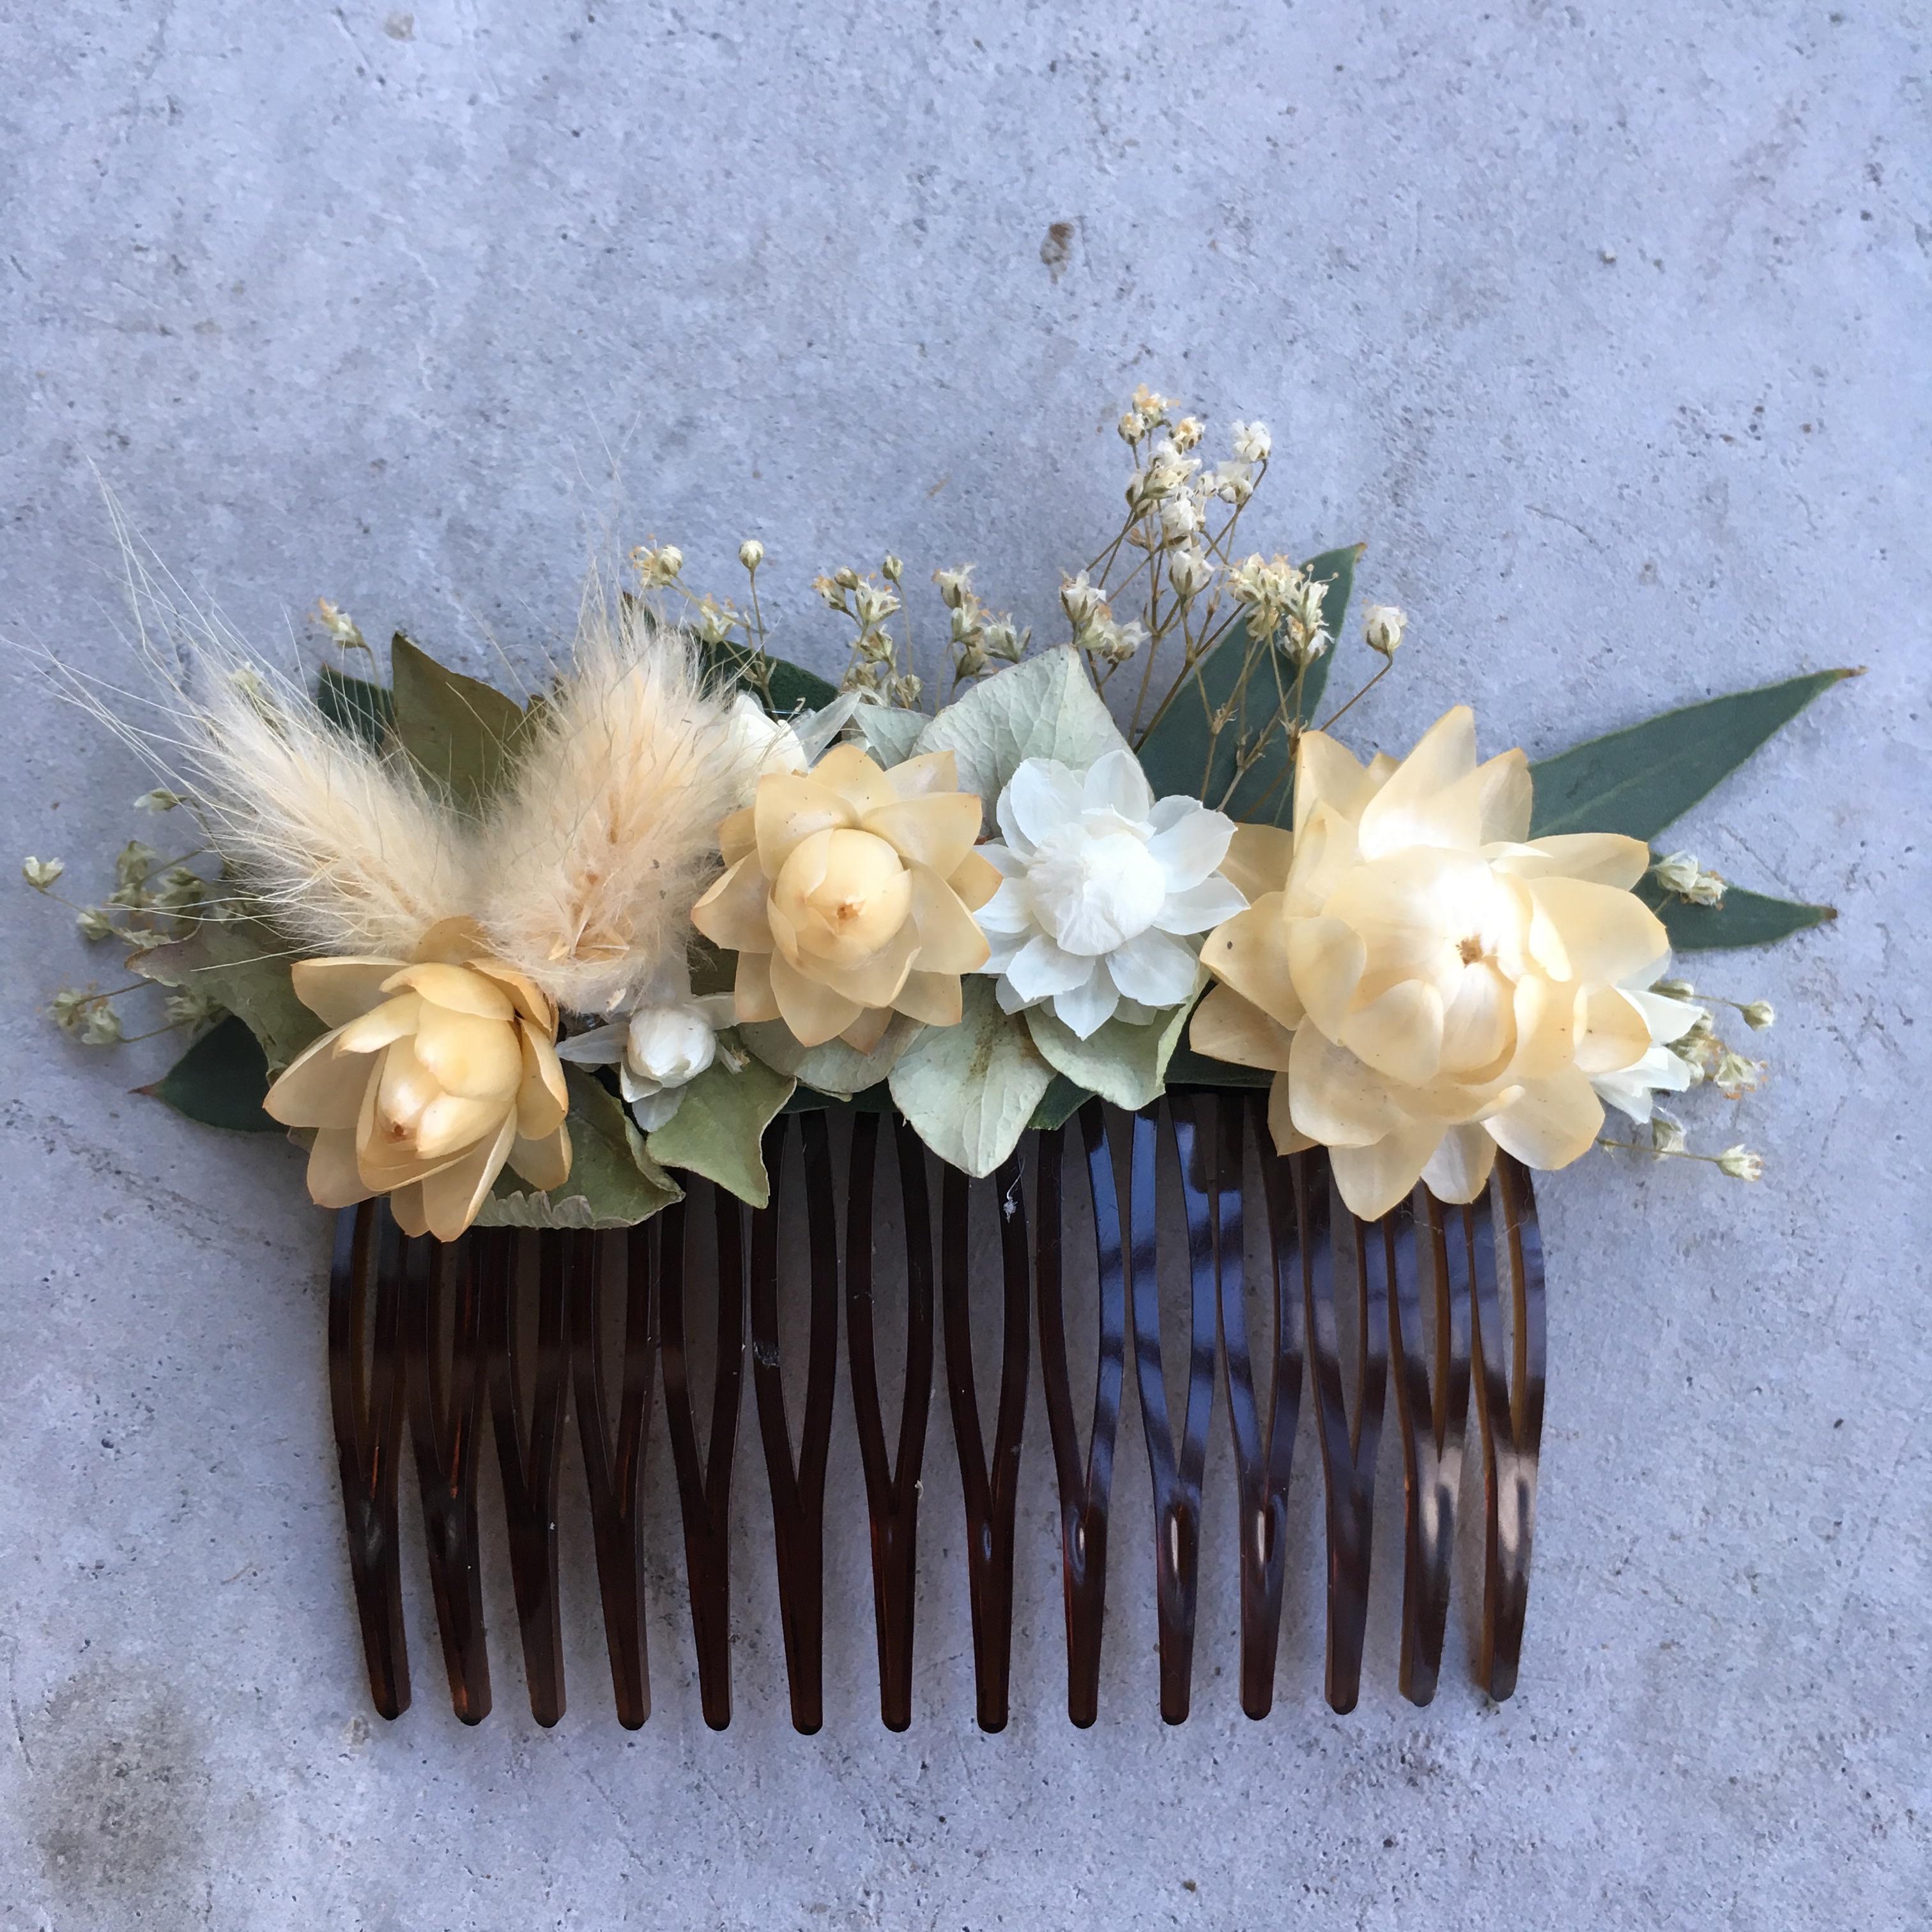 lebci fleuriste ecoresponsable bordeaux peigne fleurs séchées